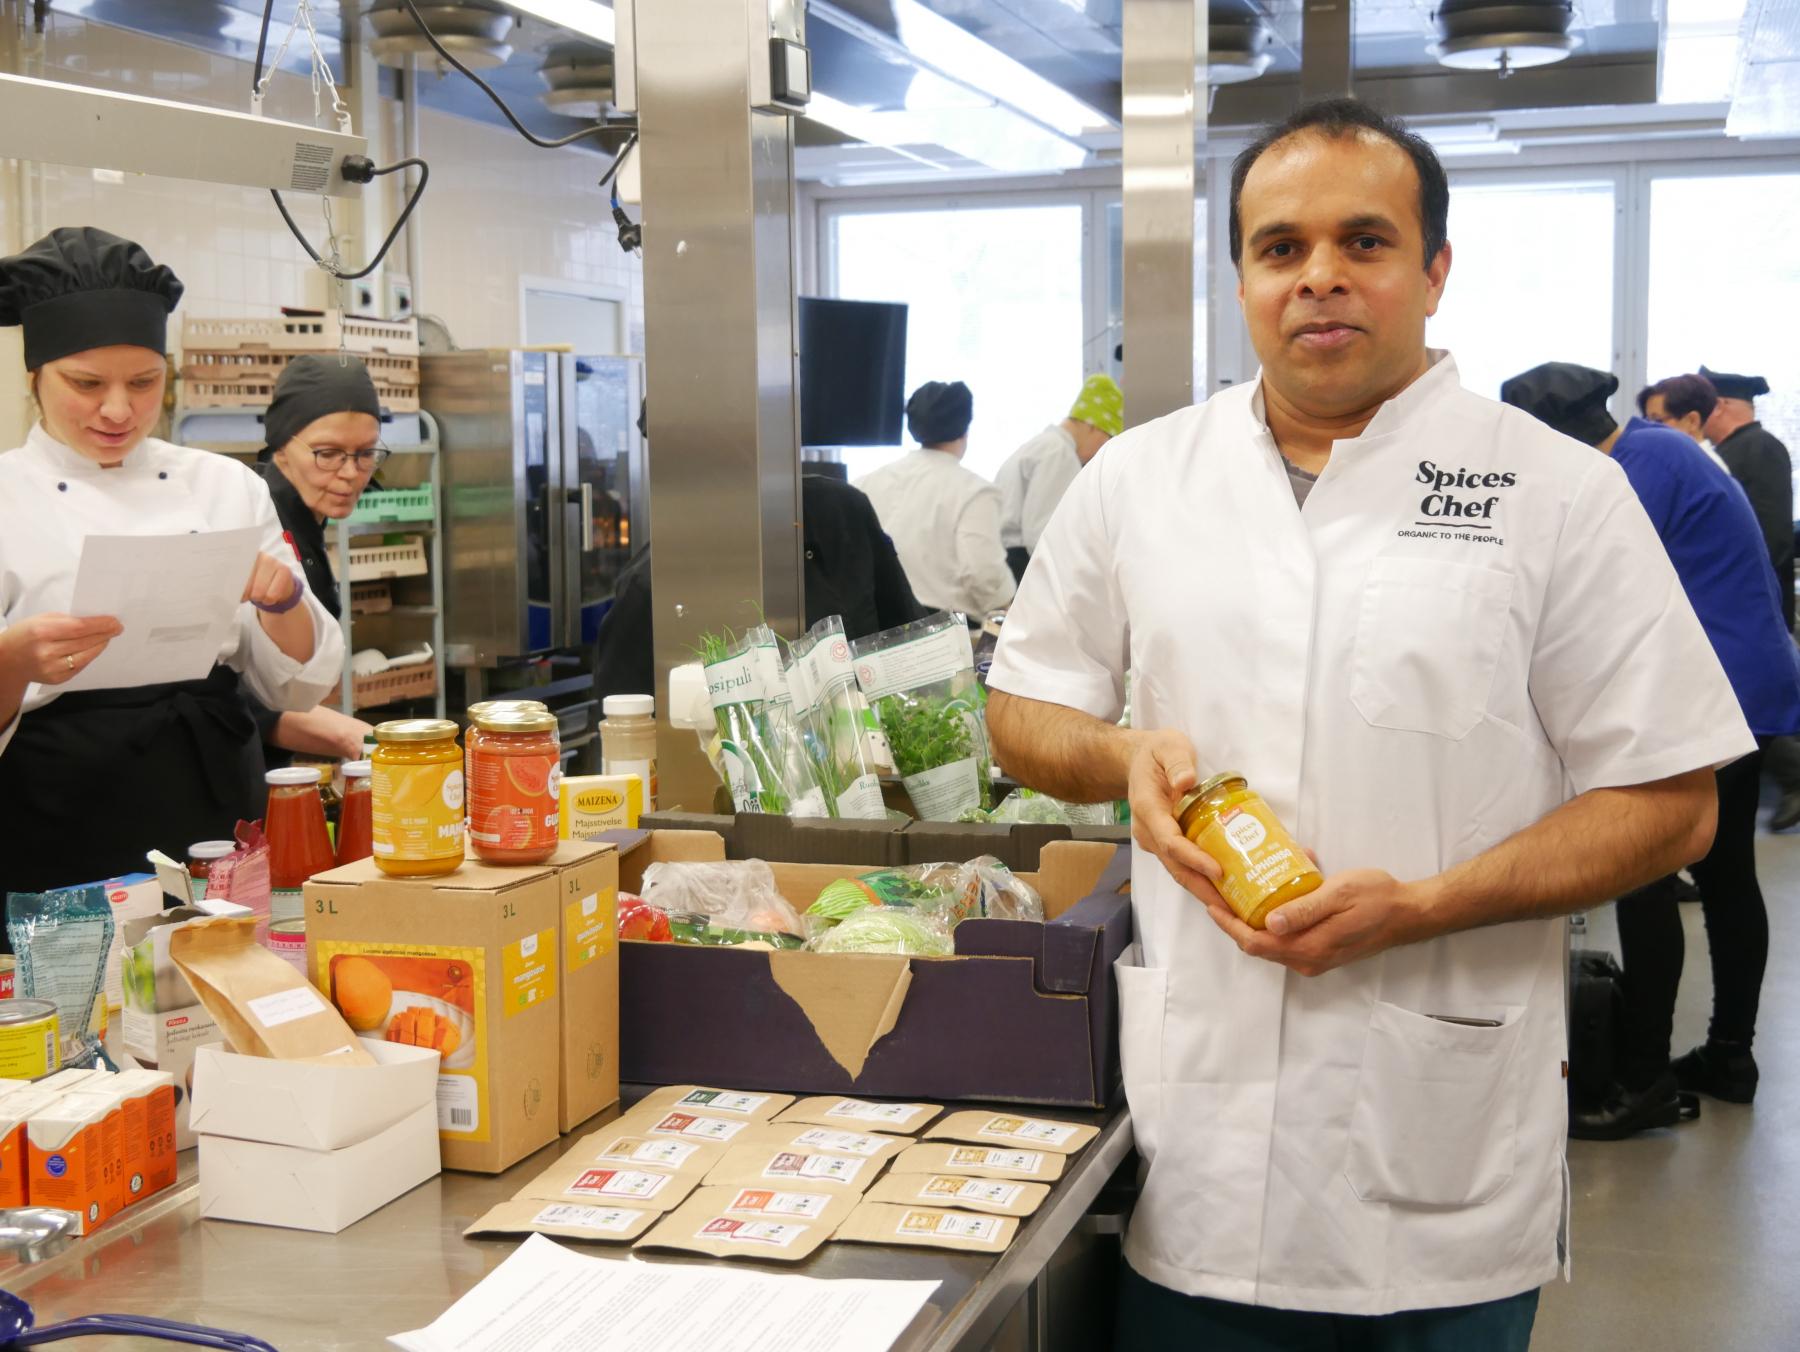 Spices Chefin toimitusjohtaja Pramod Jayaprakash esitteli brändin tuotteita Riverian opetuskeittiöllä.